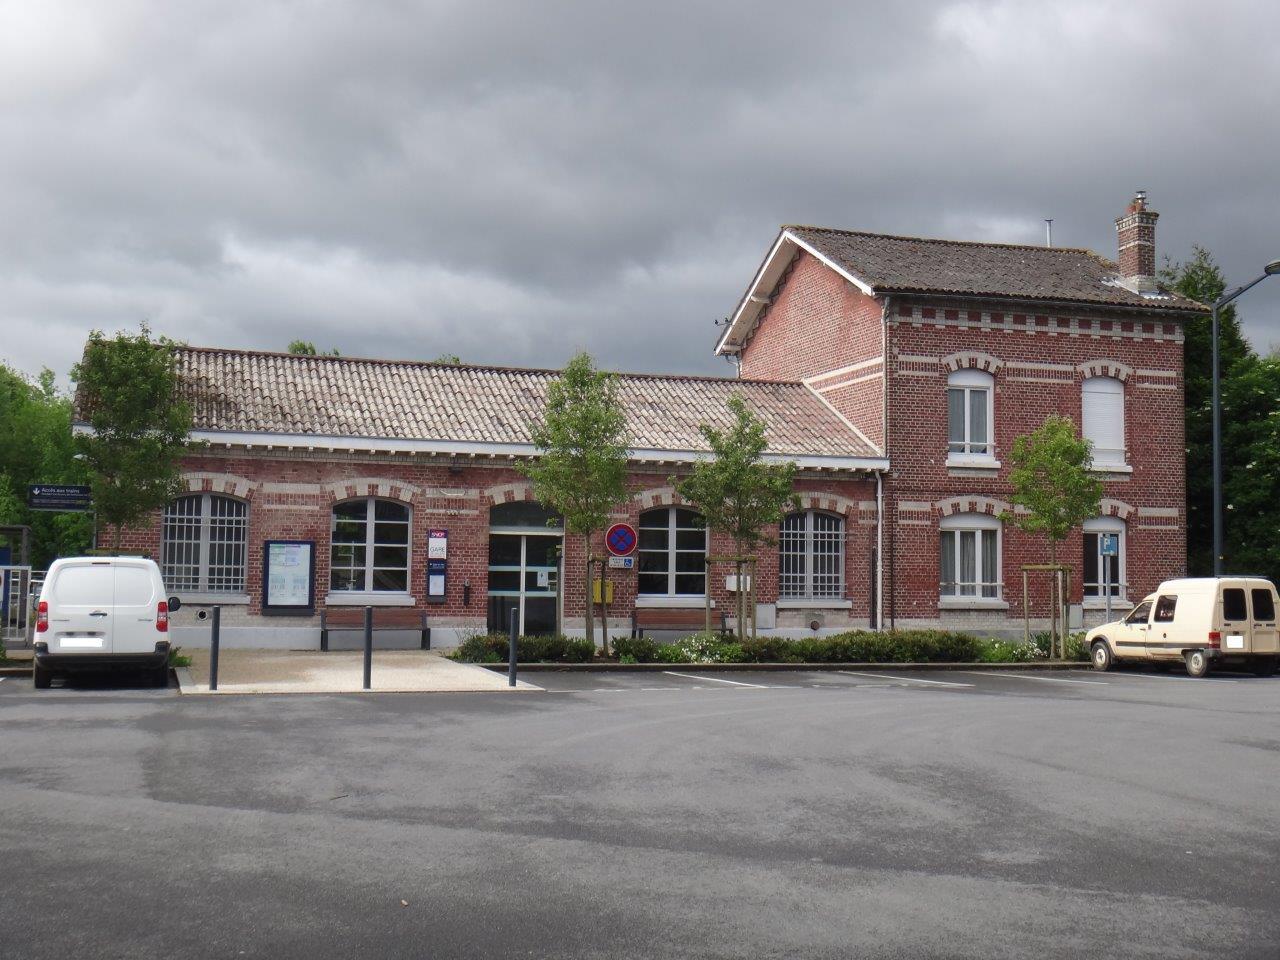 gare-de-villers-bretonneux-train-station